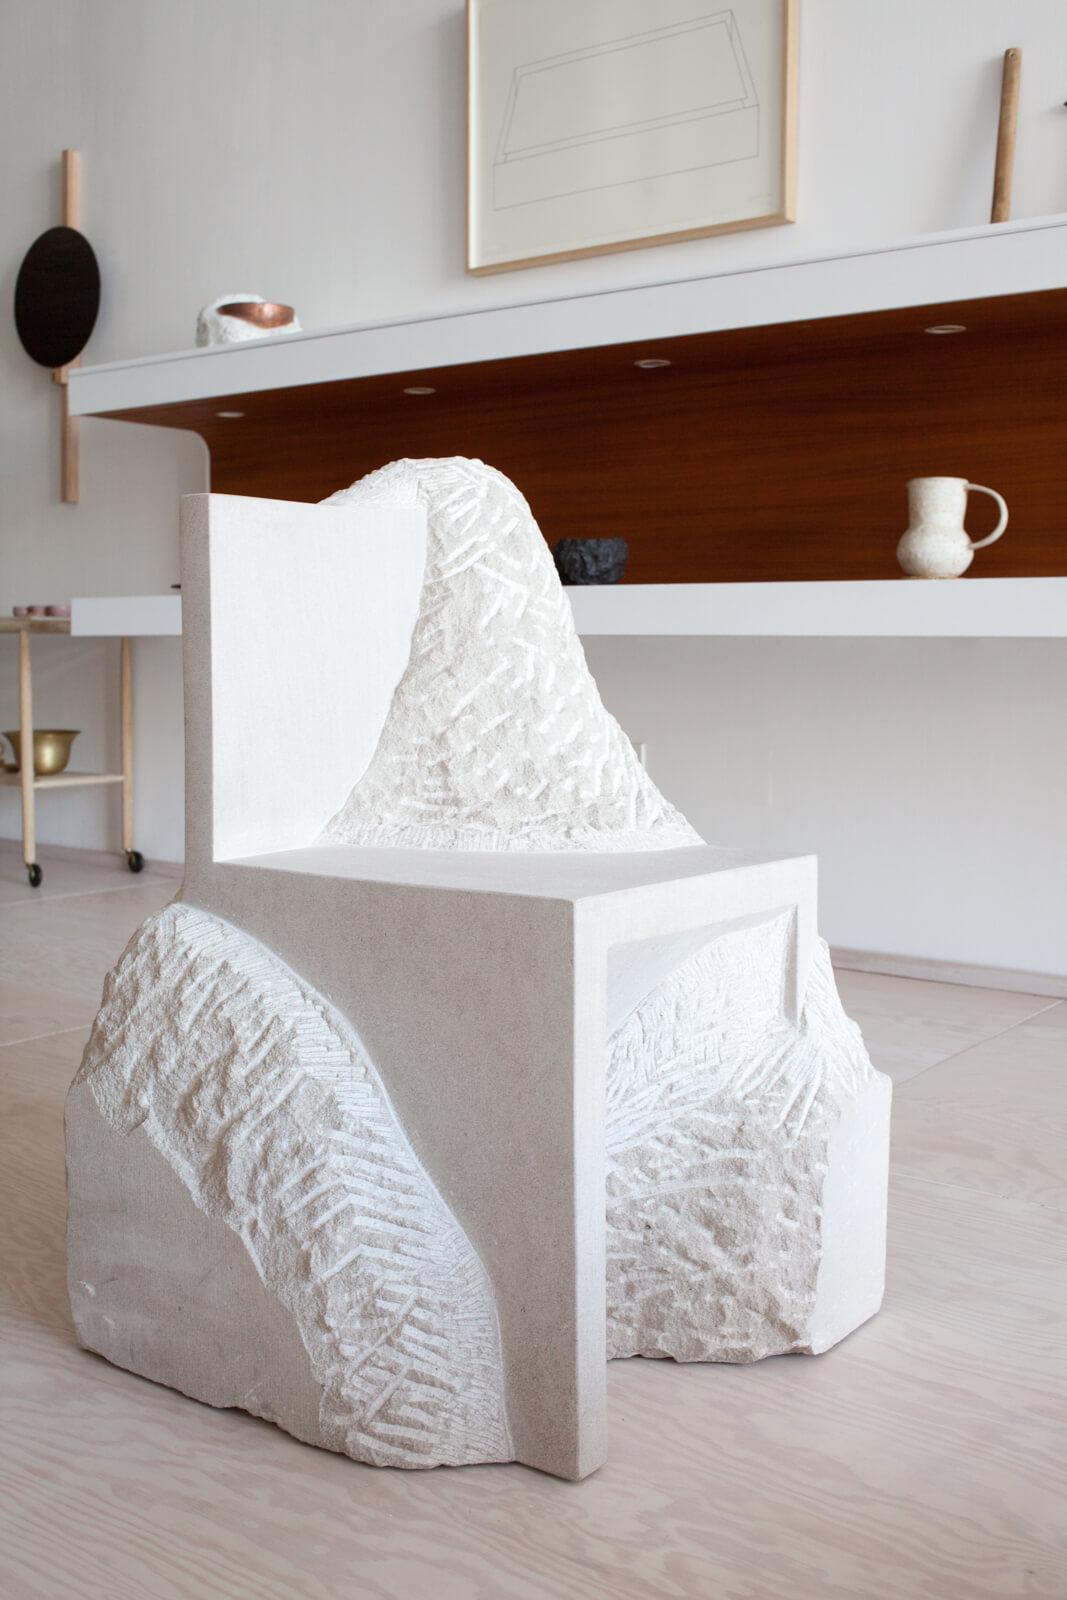 brian-richer-castor-mjolk-exhibition-2018-7